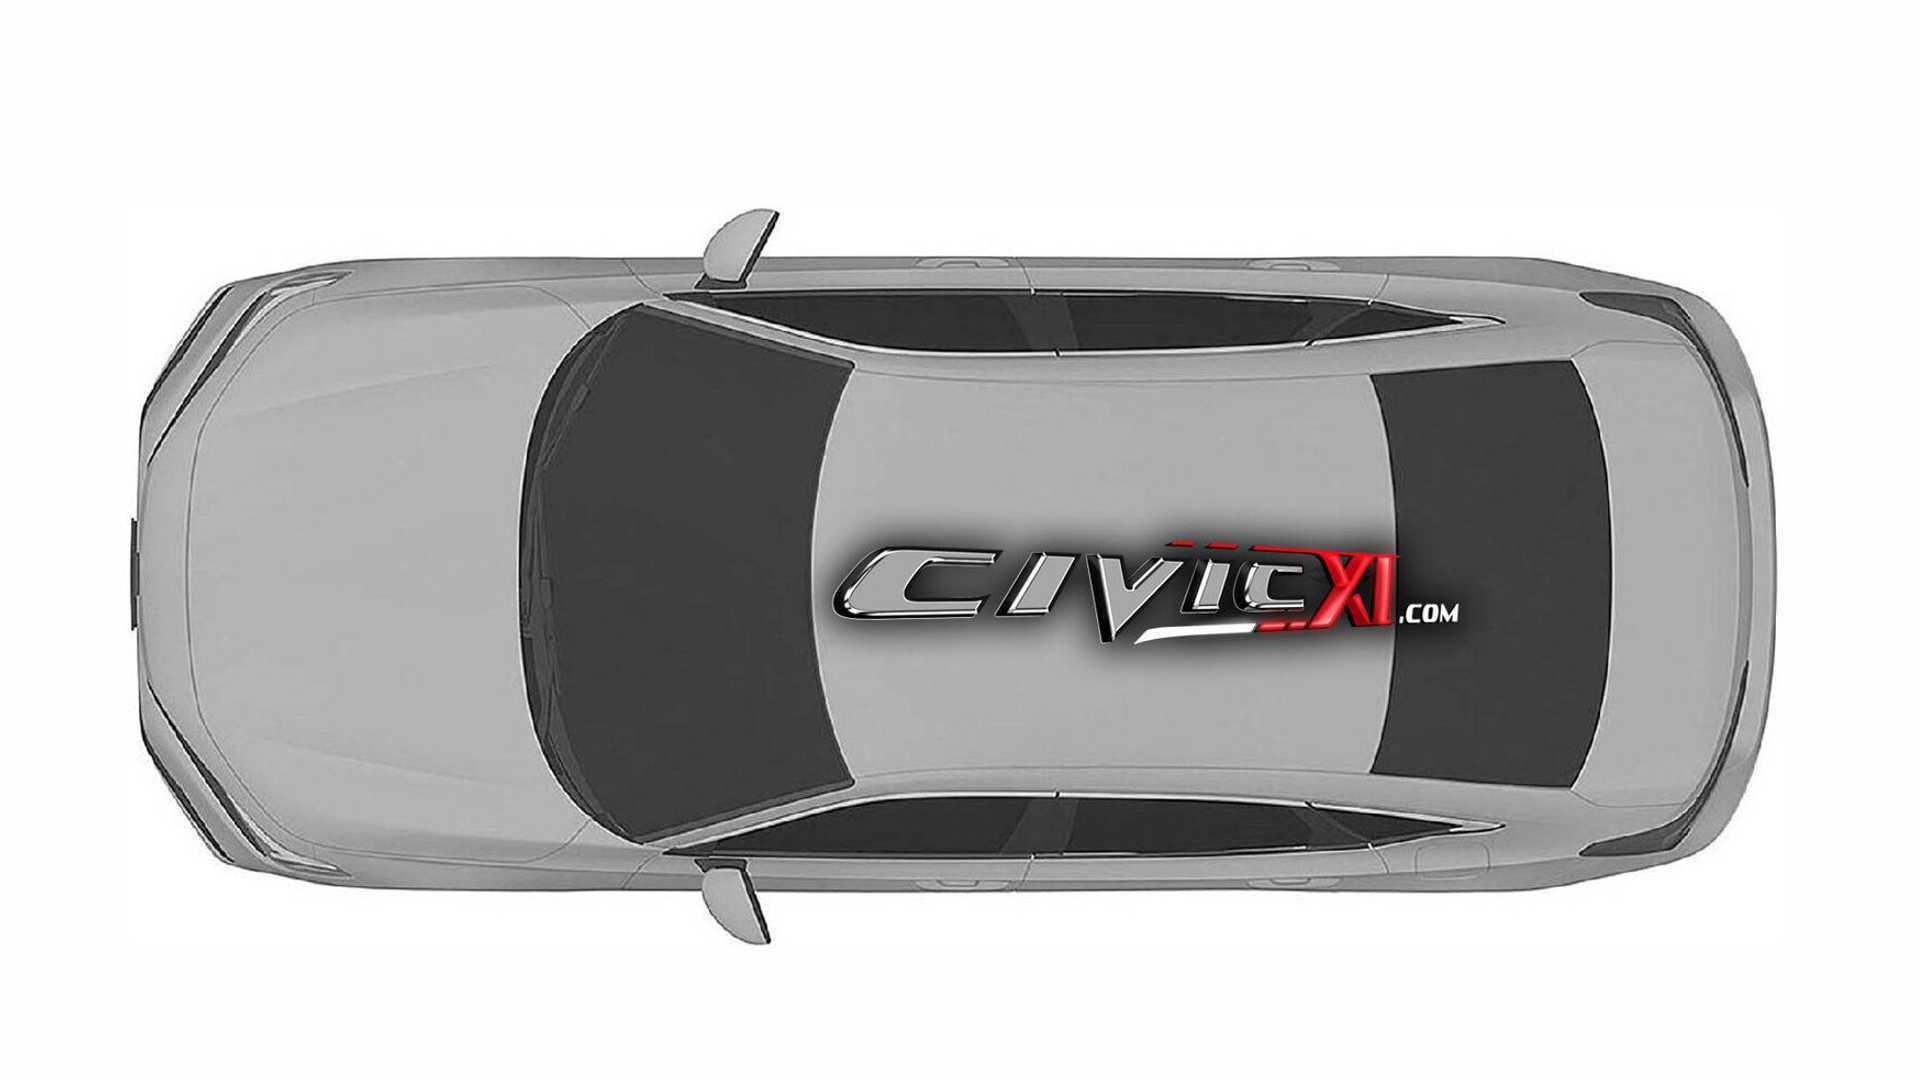 2022-honda-civic-sedan-top-view-at-patent-office